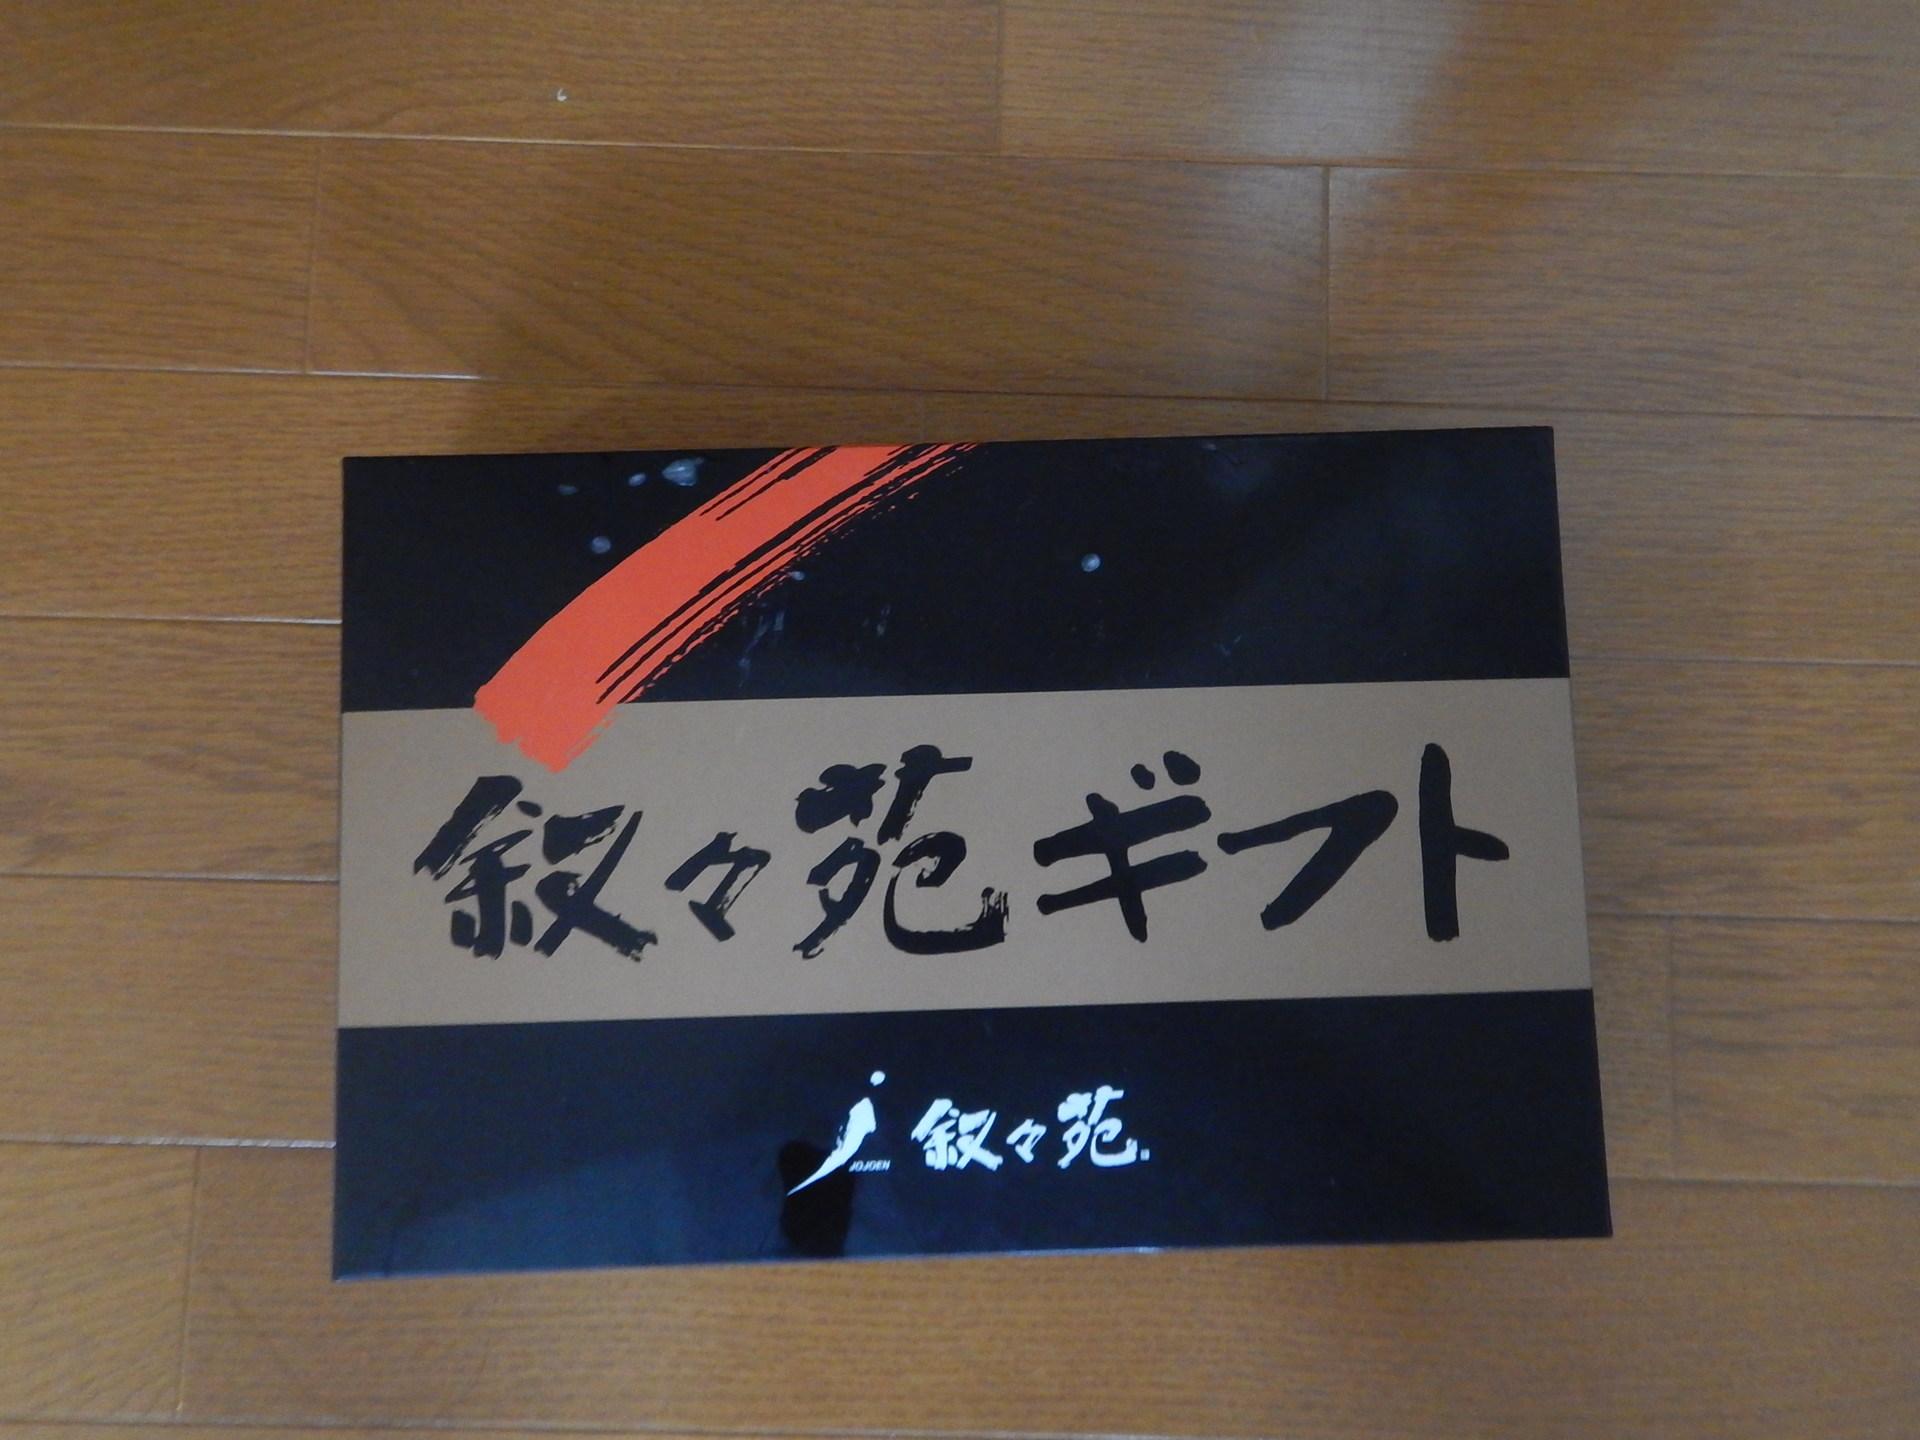 楽しみ~(゜∀三゜三∀゜) ウホー!